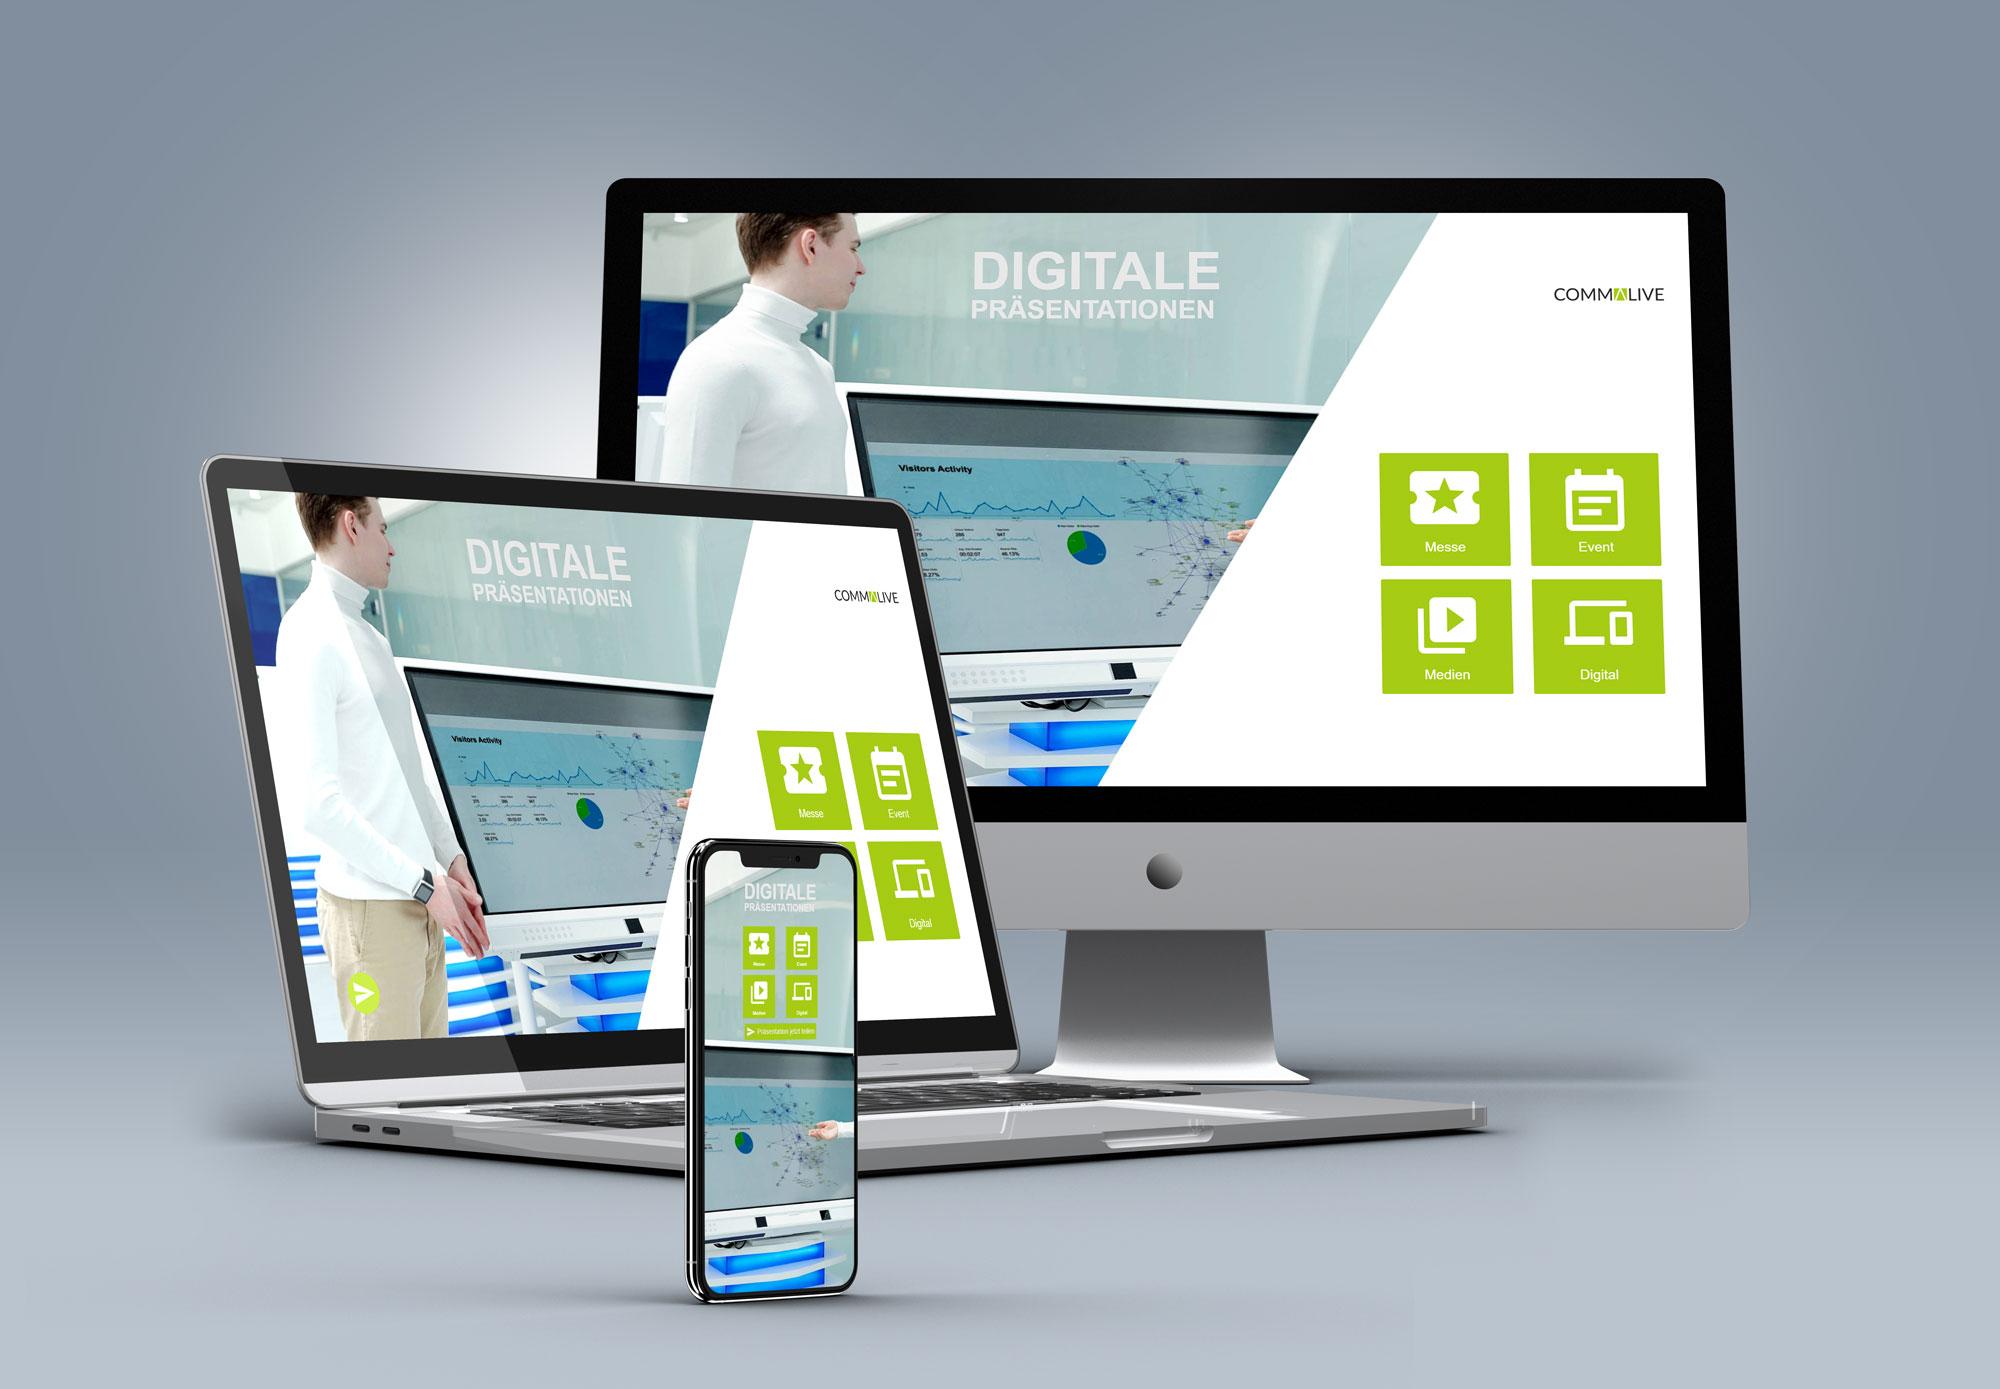 Präsentations-App von commalive - die Multi-Device-Lösung!